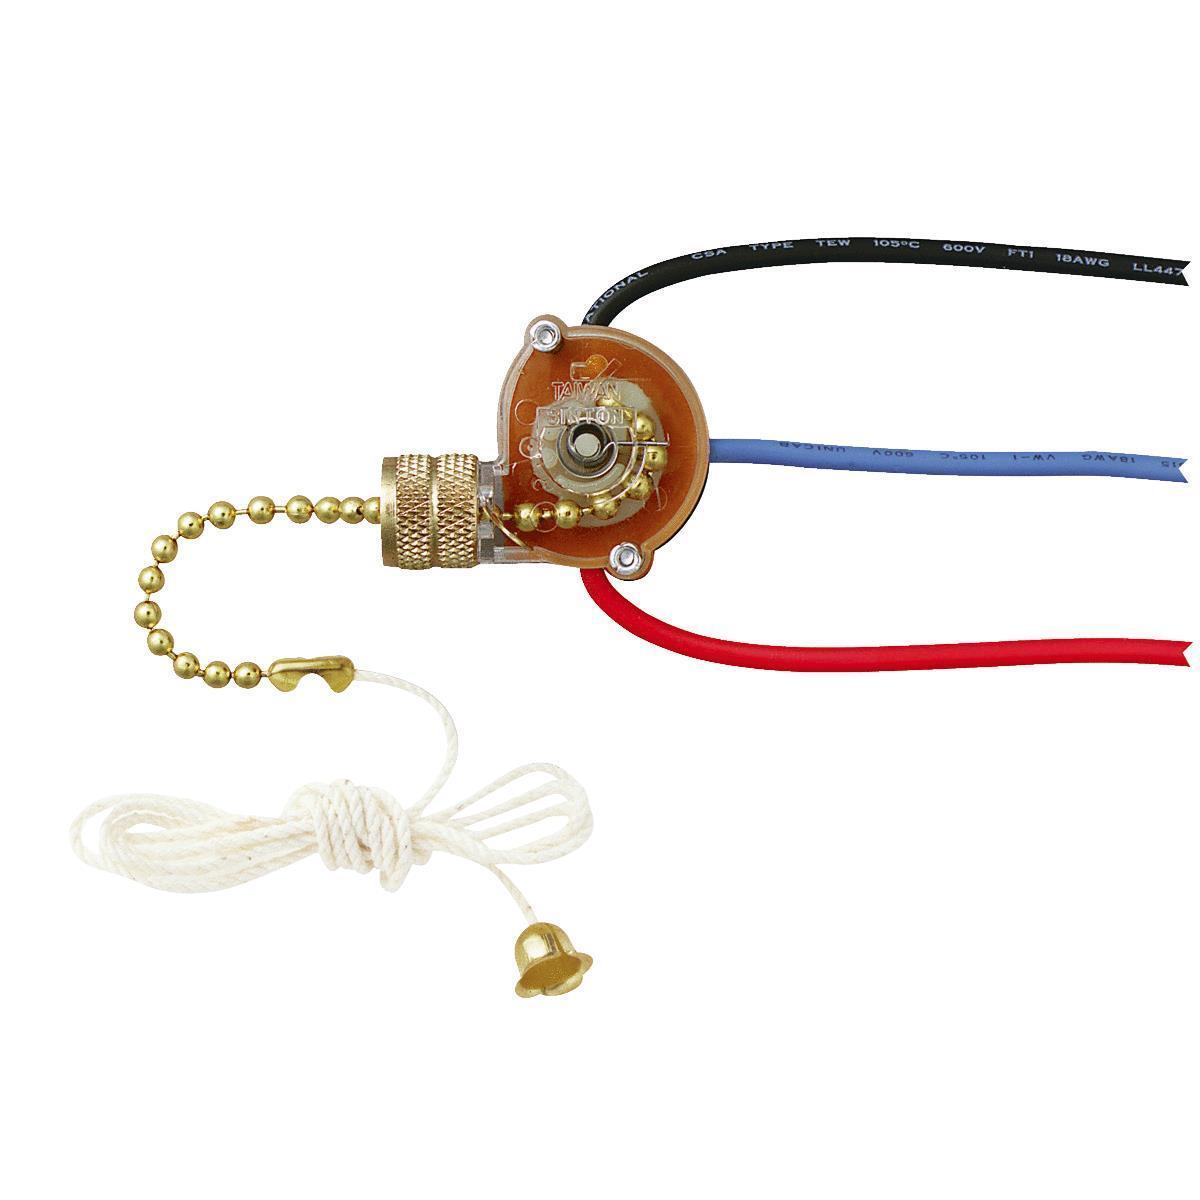 3 way 3 wire ceiling fan light switch by westinghouse 77052 ebay rh ebay com